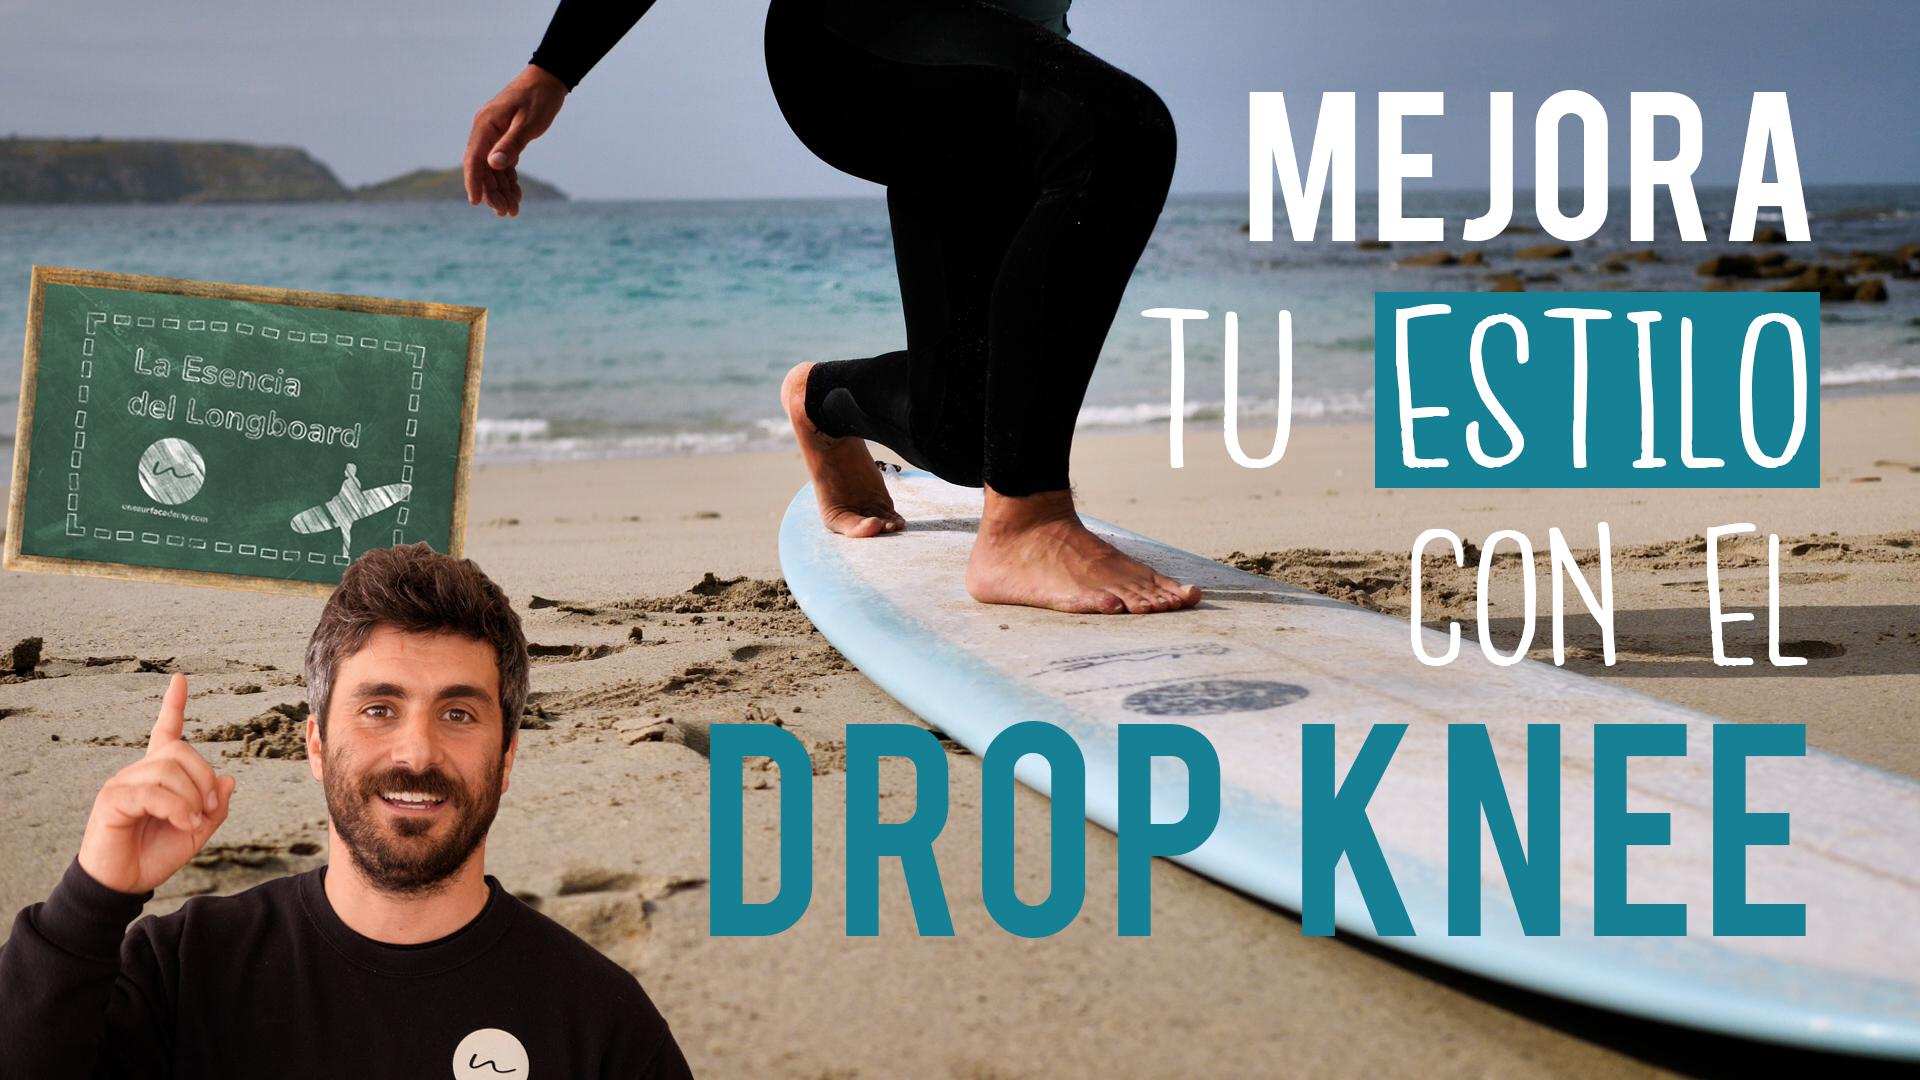 Maniobras del longboard | El drop knee cutback